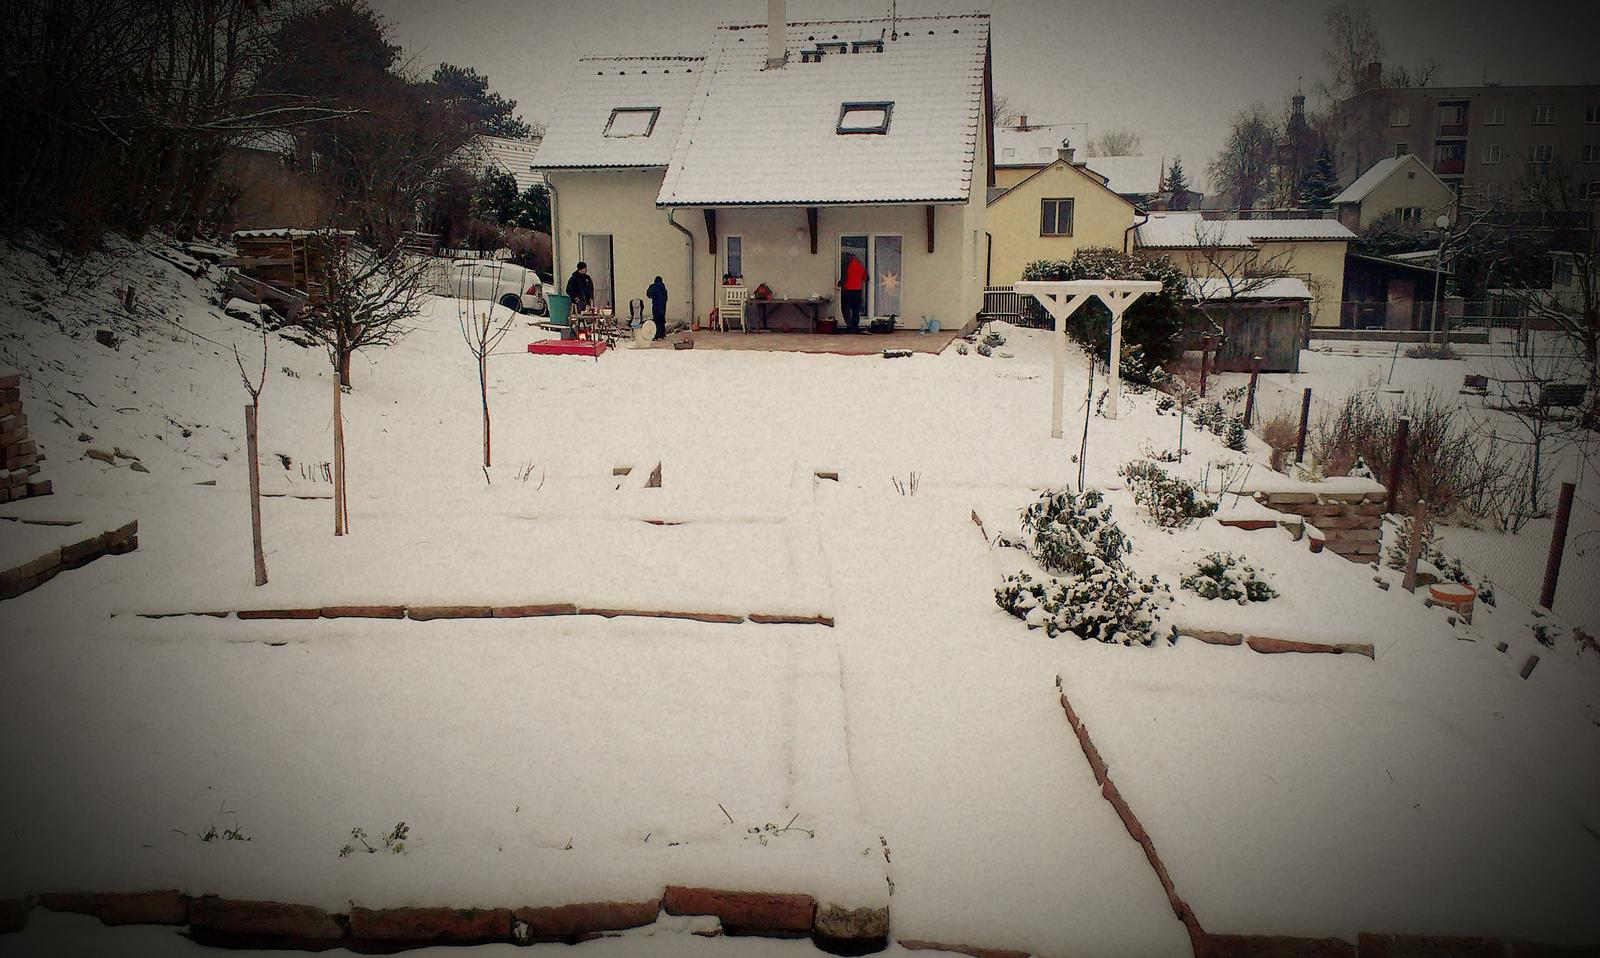 Záhrada - Silvester 2014